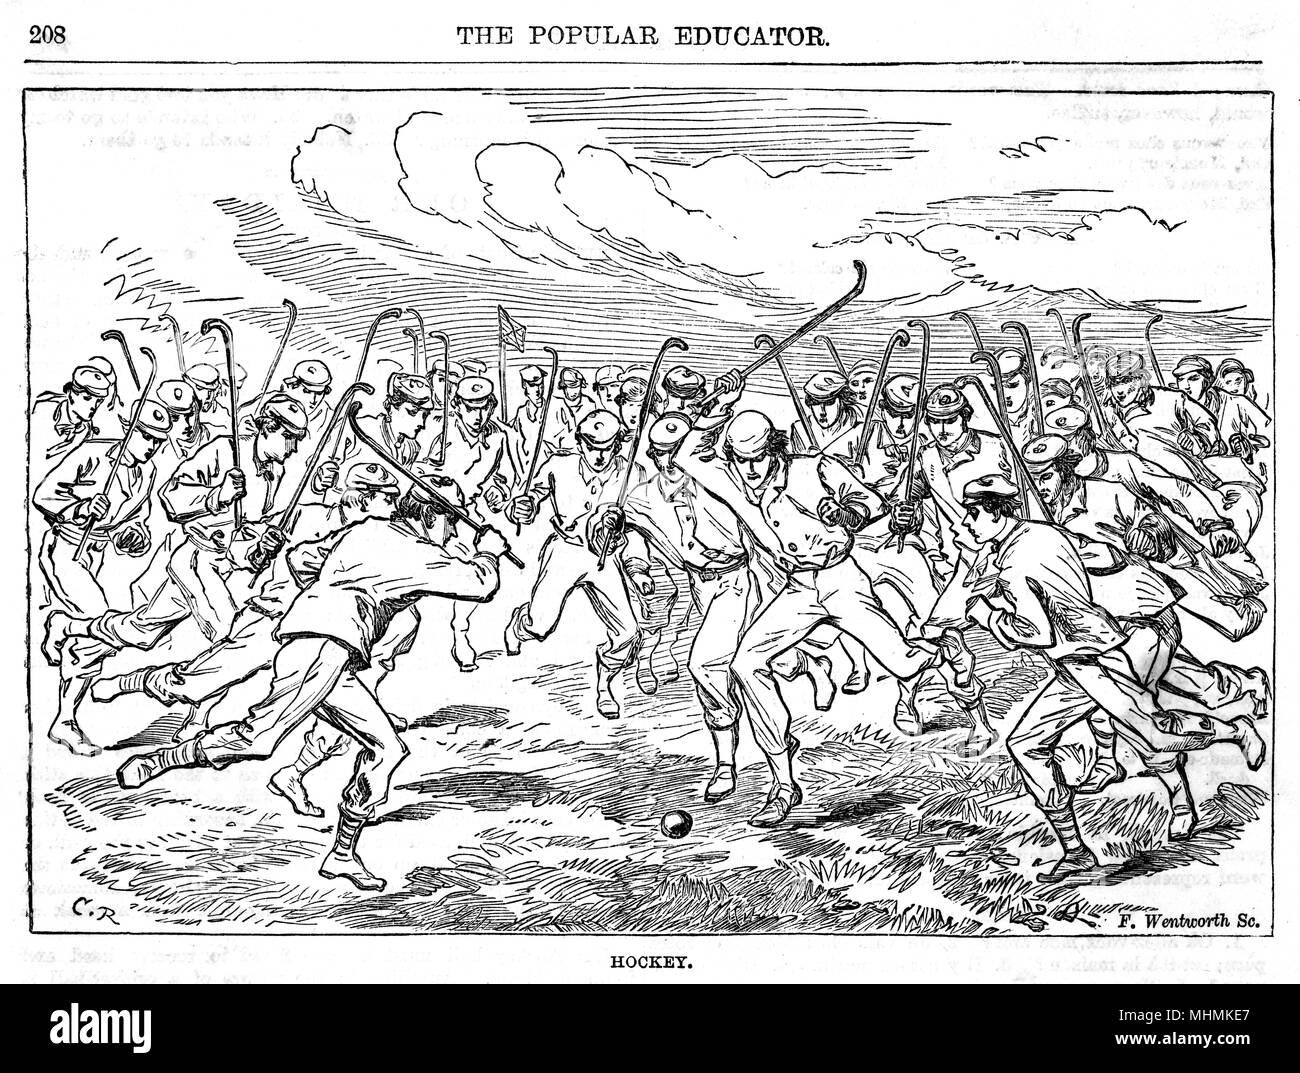 Une foule de joueurs chargé vers la balle lors d'une partie de hockey. Date: vers 1860 Photo Stock